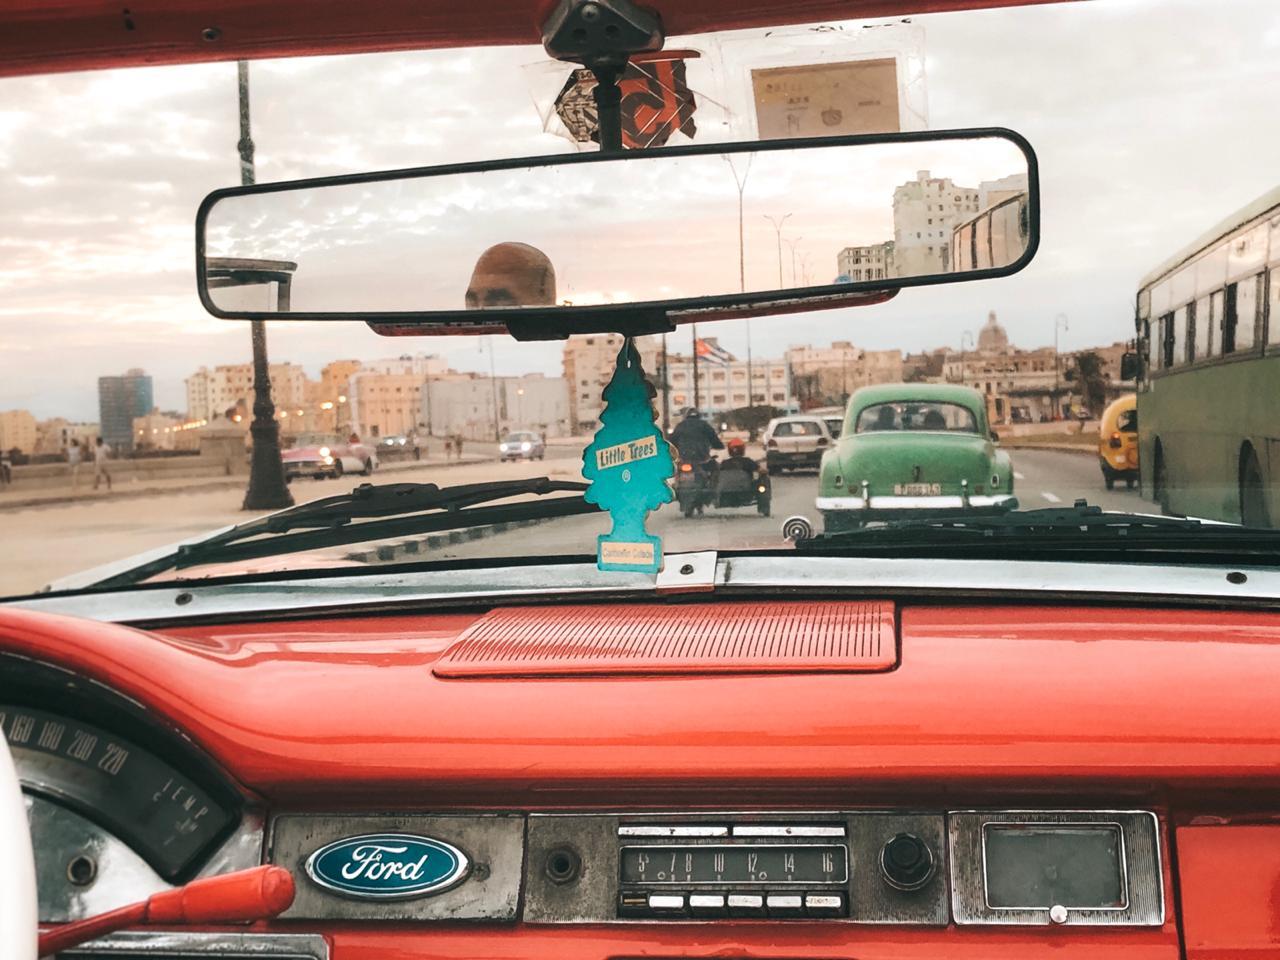 Passeio de carro em Havana, Cuba (Foto: Tati Sisti)